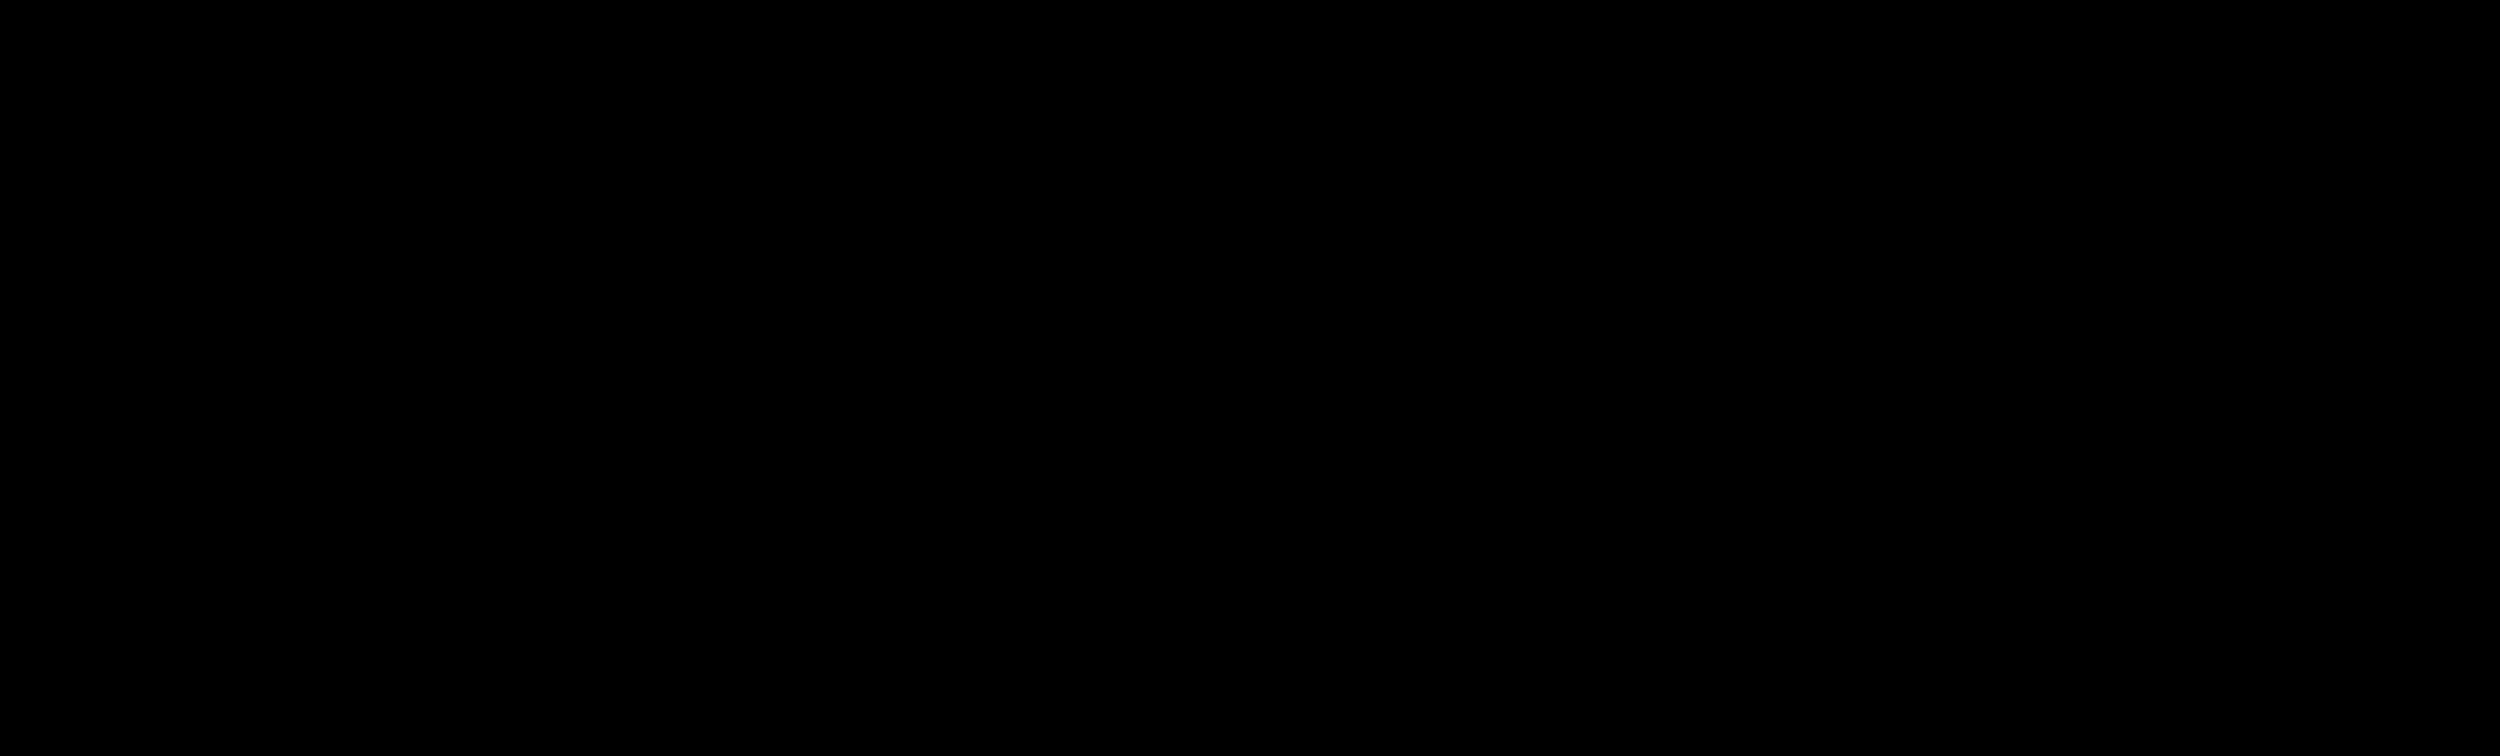 SH-logo-svart.png